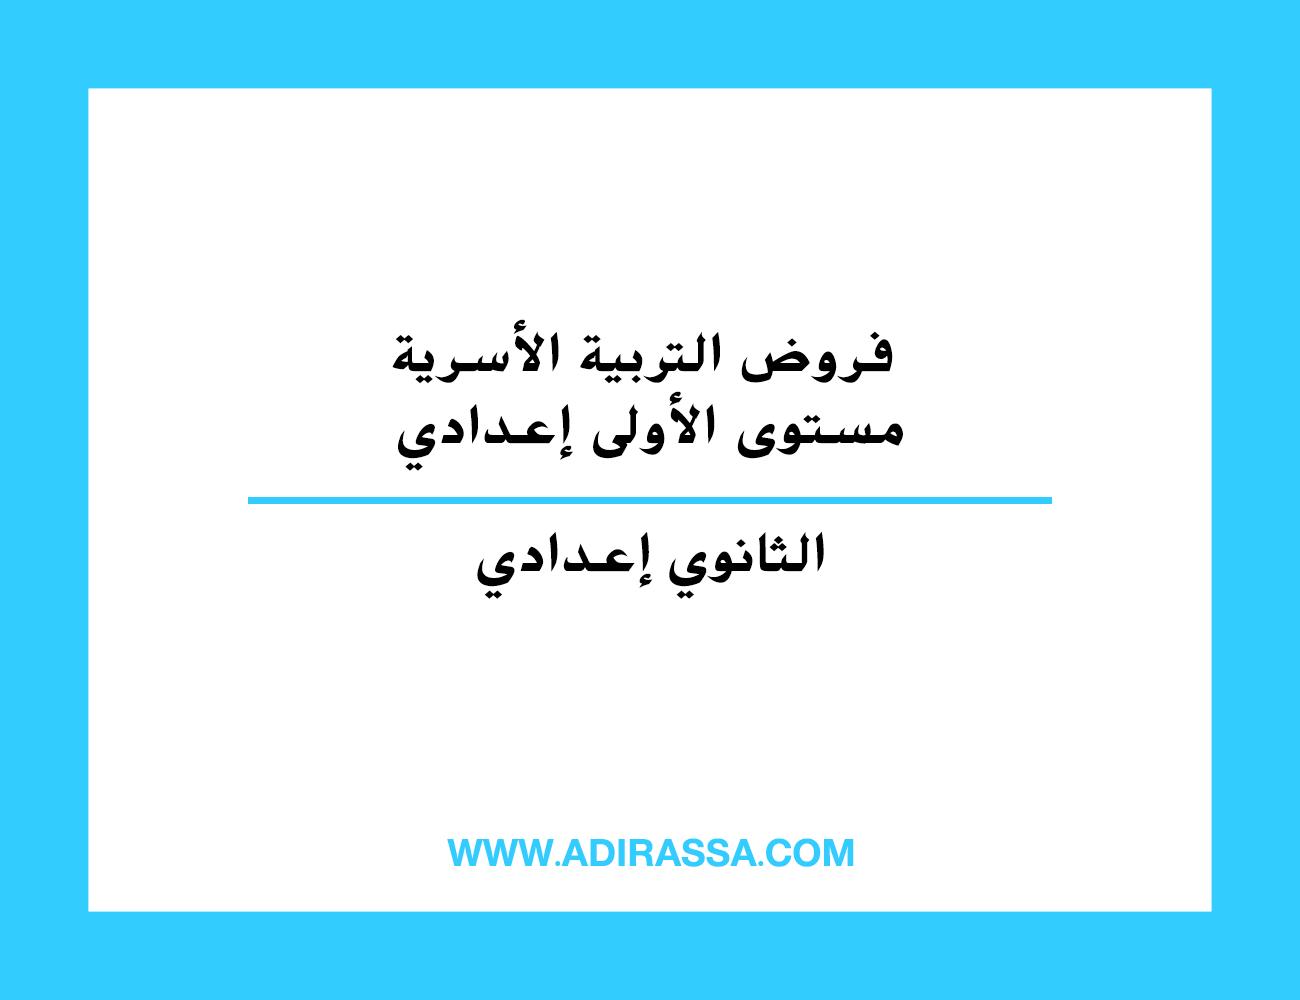 فروض التربية الأسرية مستوى الأولى إعدادي المقررة في المدرسة المغربية